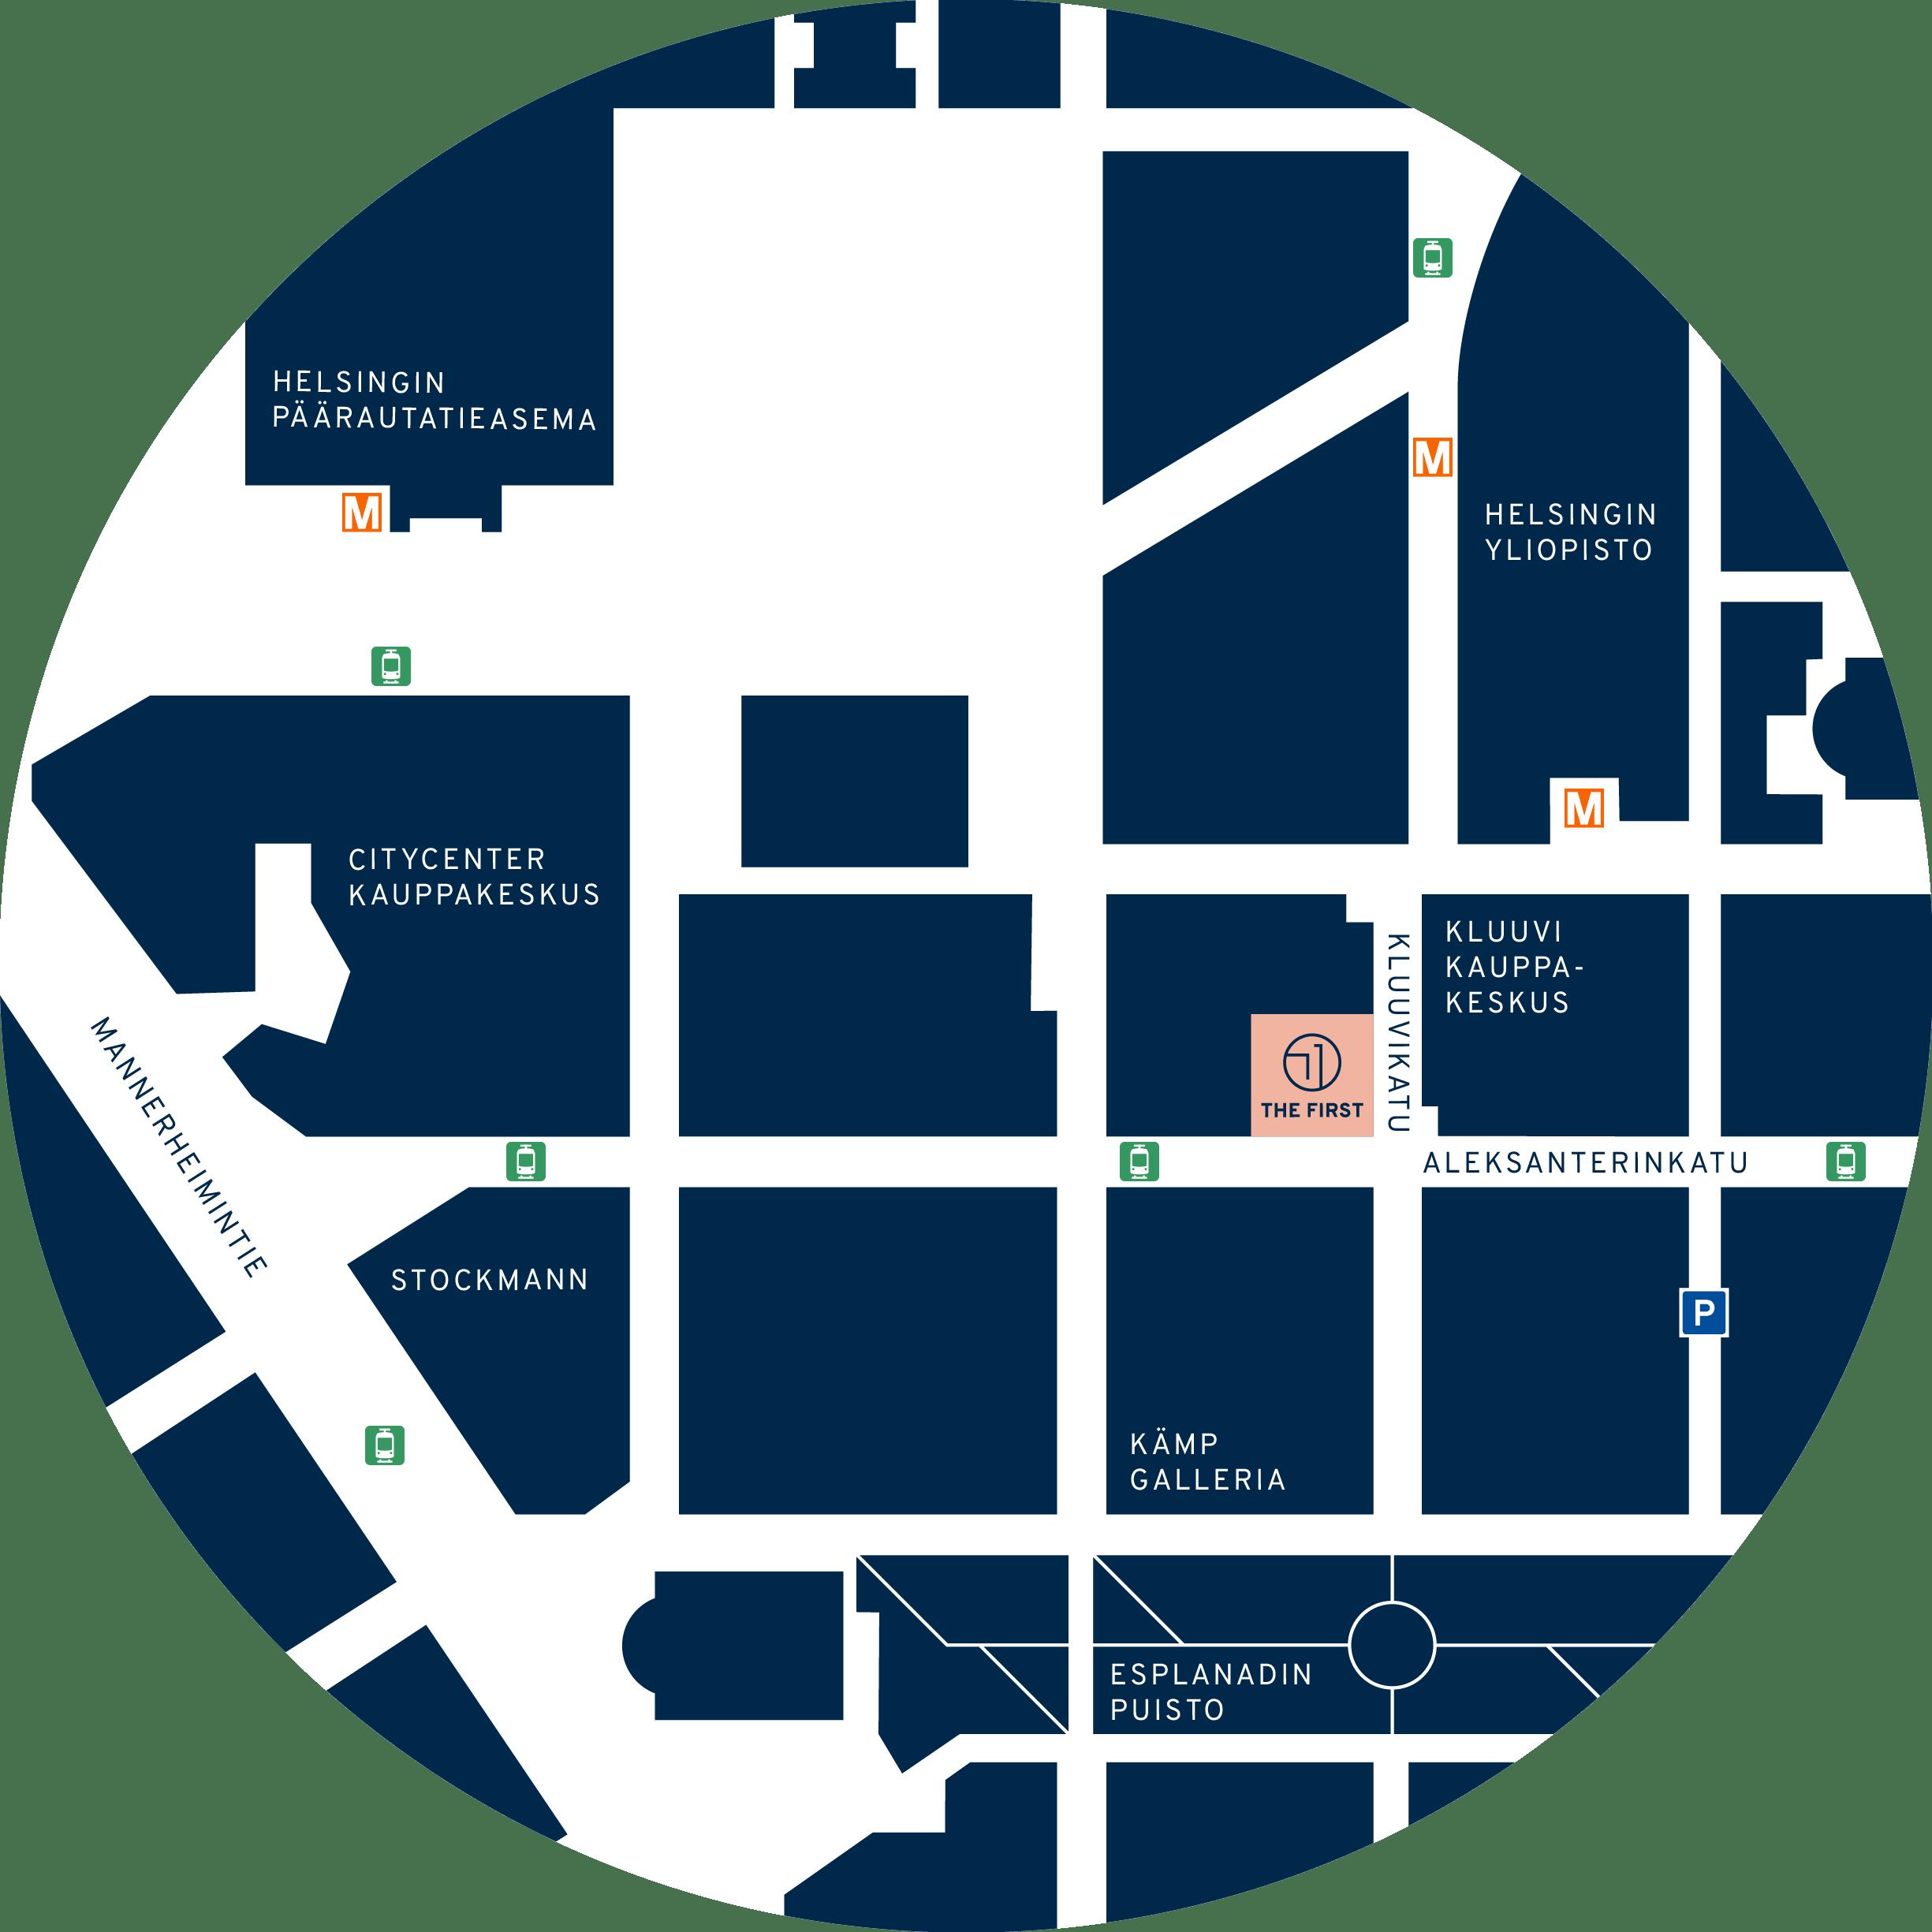 Karttakuva alueesta